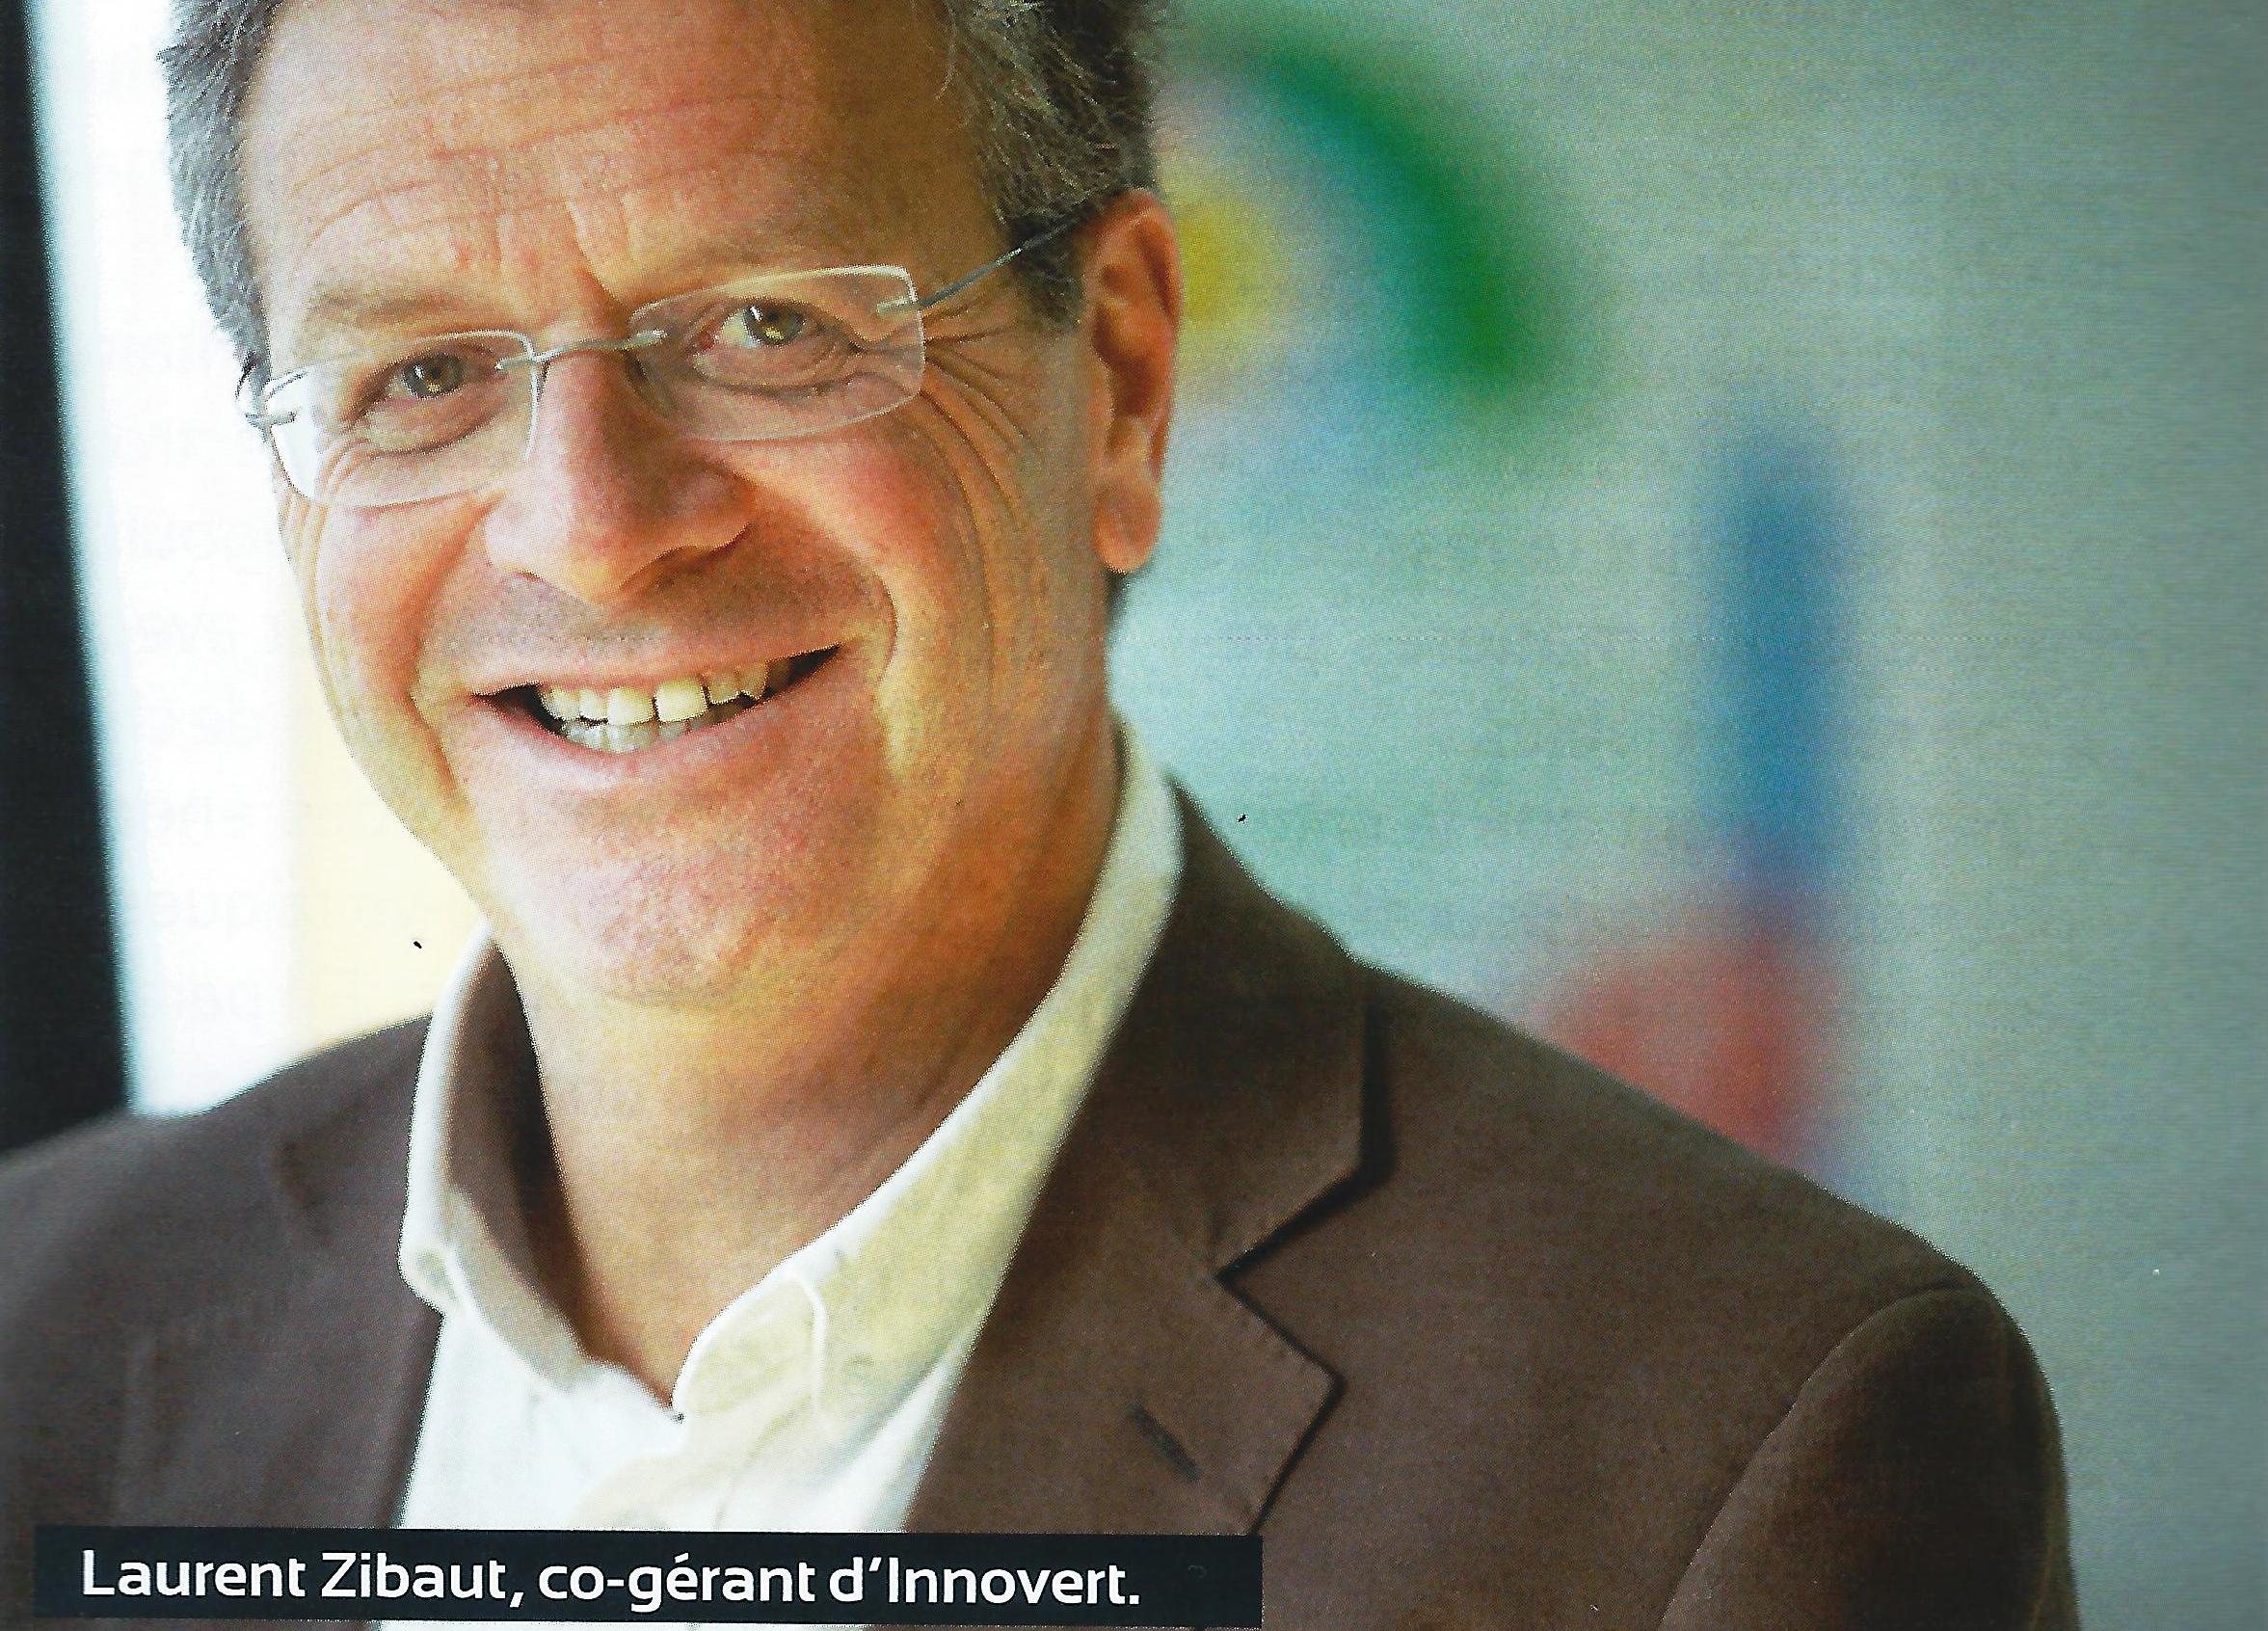 Laurent Zibaut Innovert